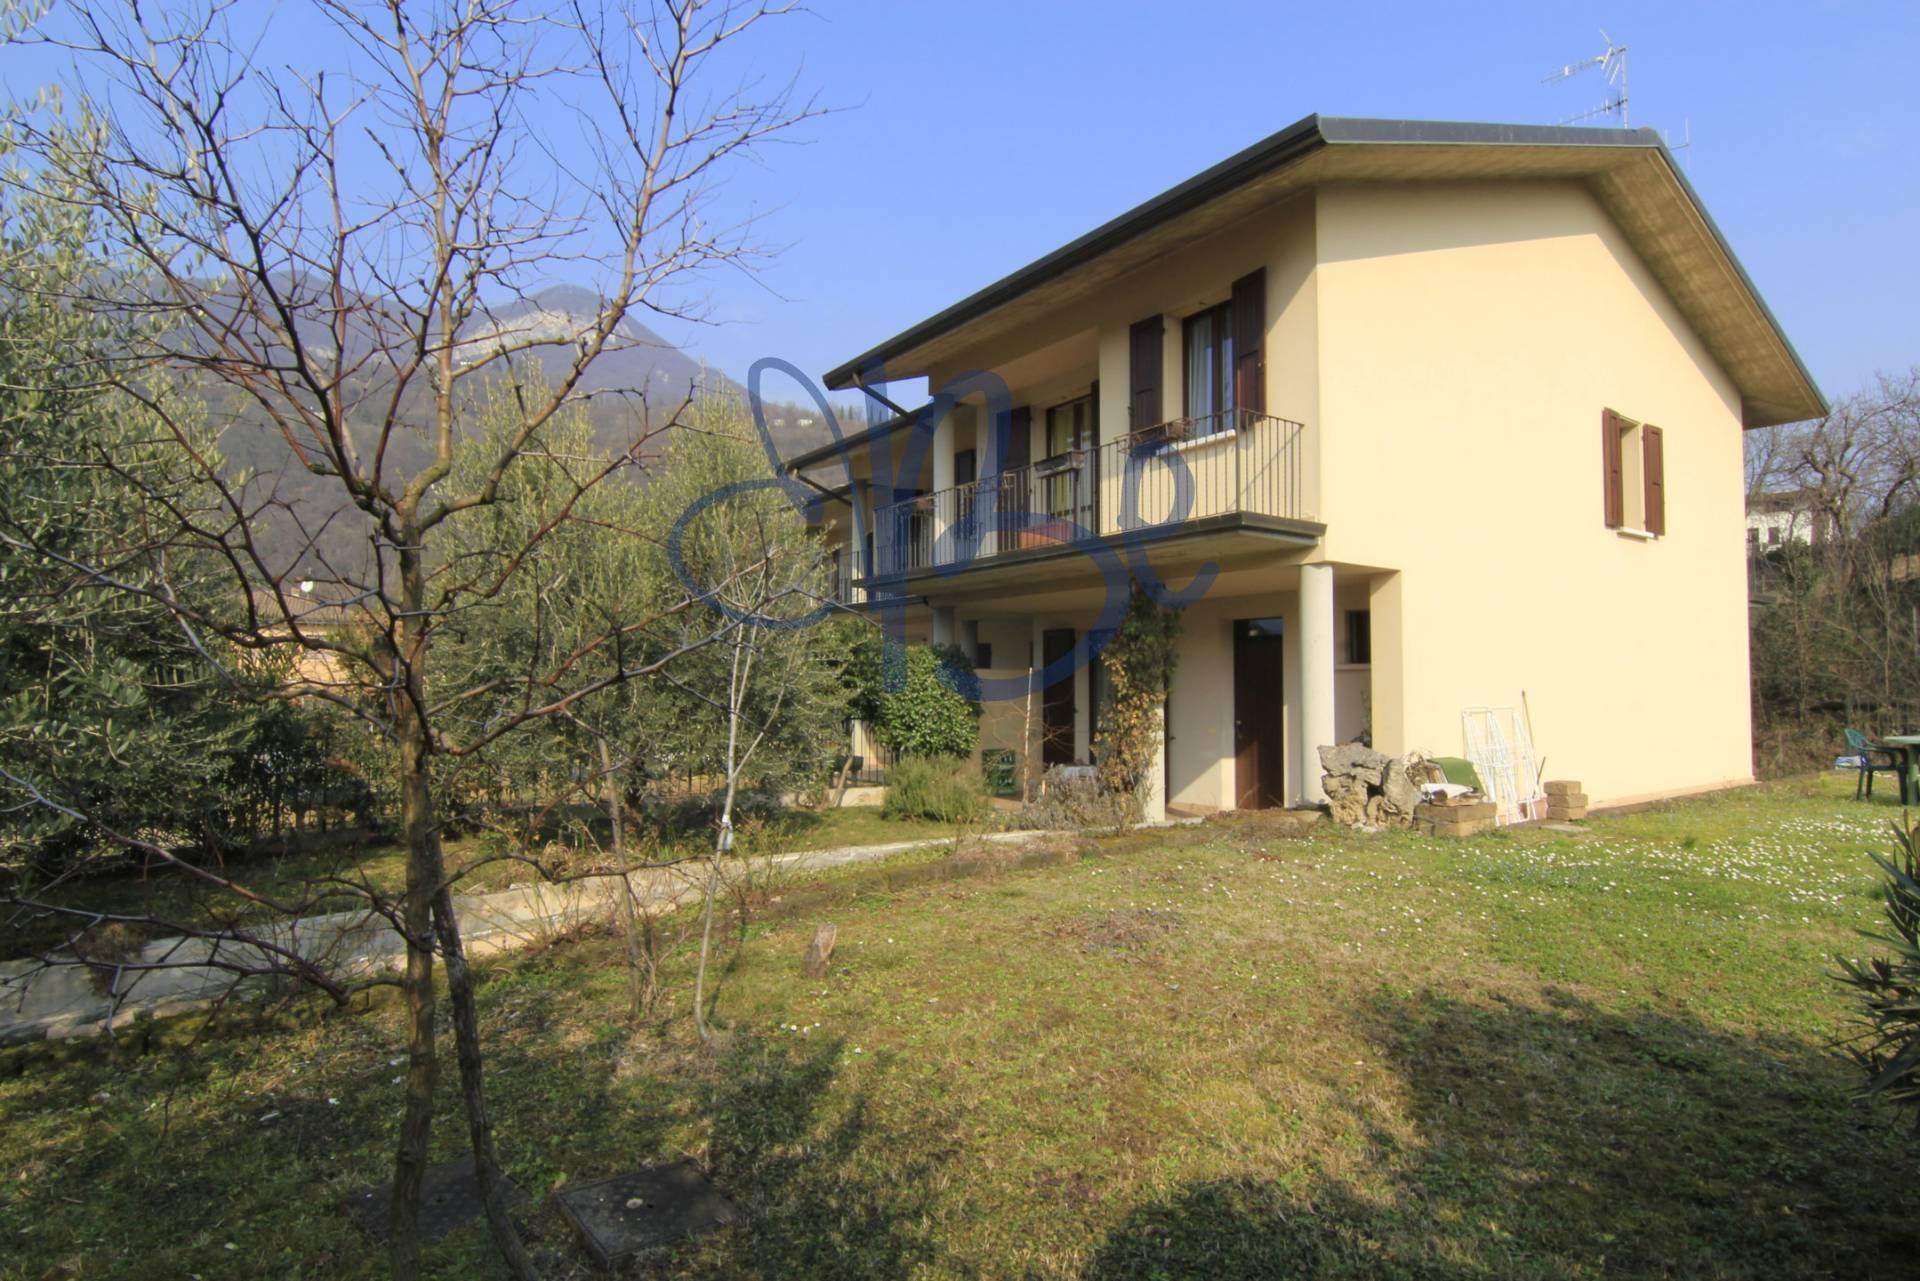 Villa a Schiera in vendita a Roè Volciano, 5 locali, prezzo € 255.000 | Cambio Casa.it